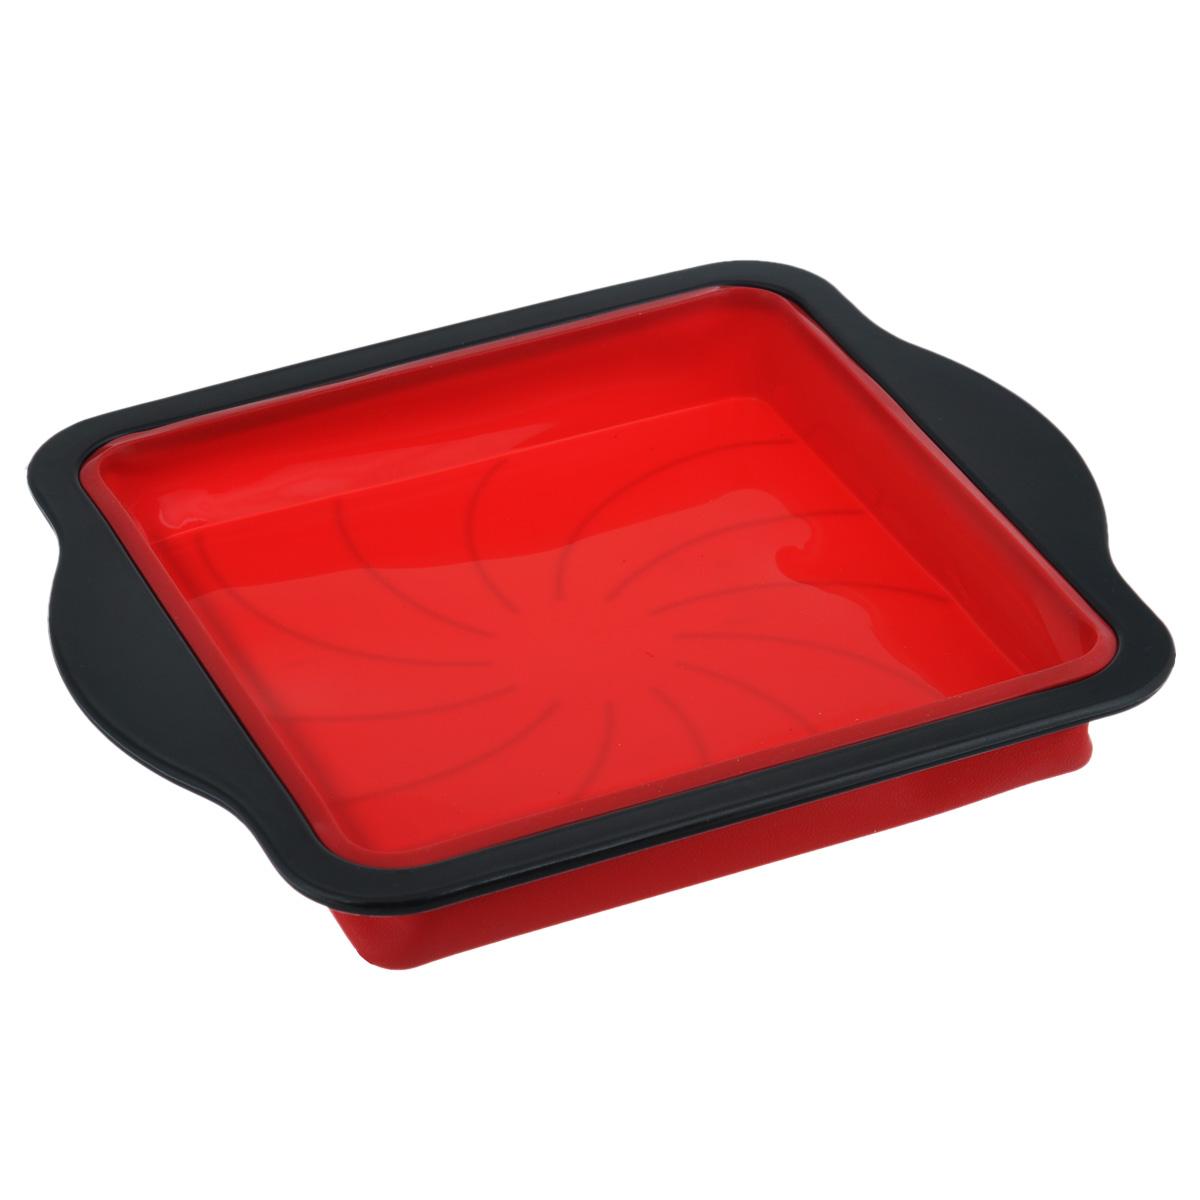 Форма для пирога Mayer & Boch, квадратная, цвет: черный, красный, 32,5 см х 28 см форма для запекания ceraflame цвет красный 31 см х 21 см